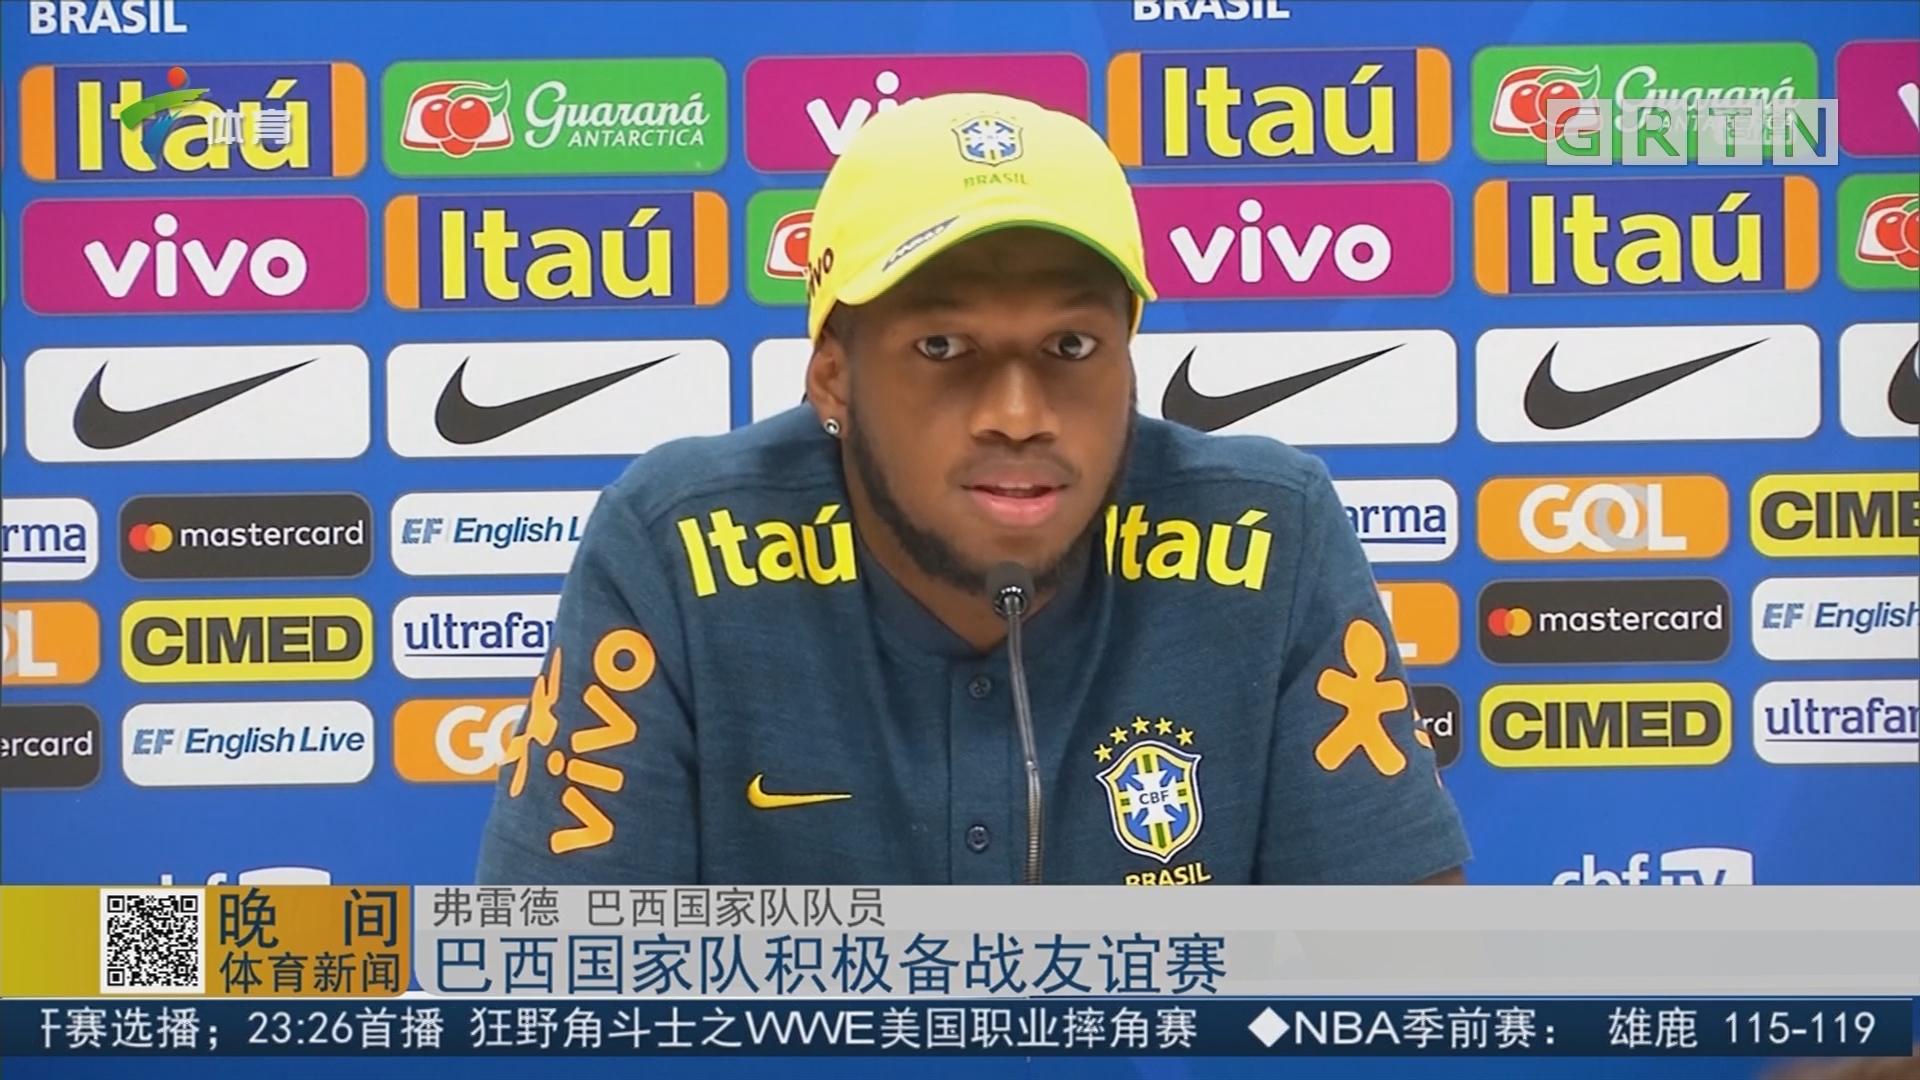 巴西国家队积极备战友谊赛